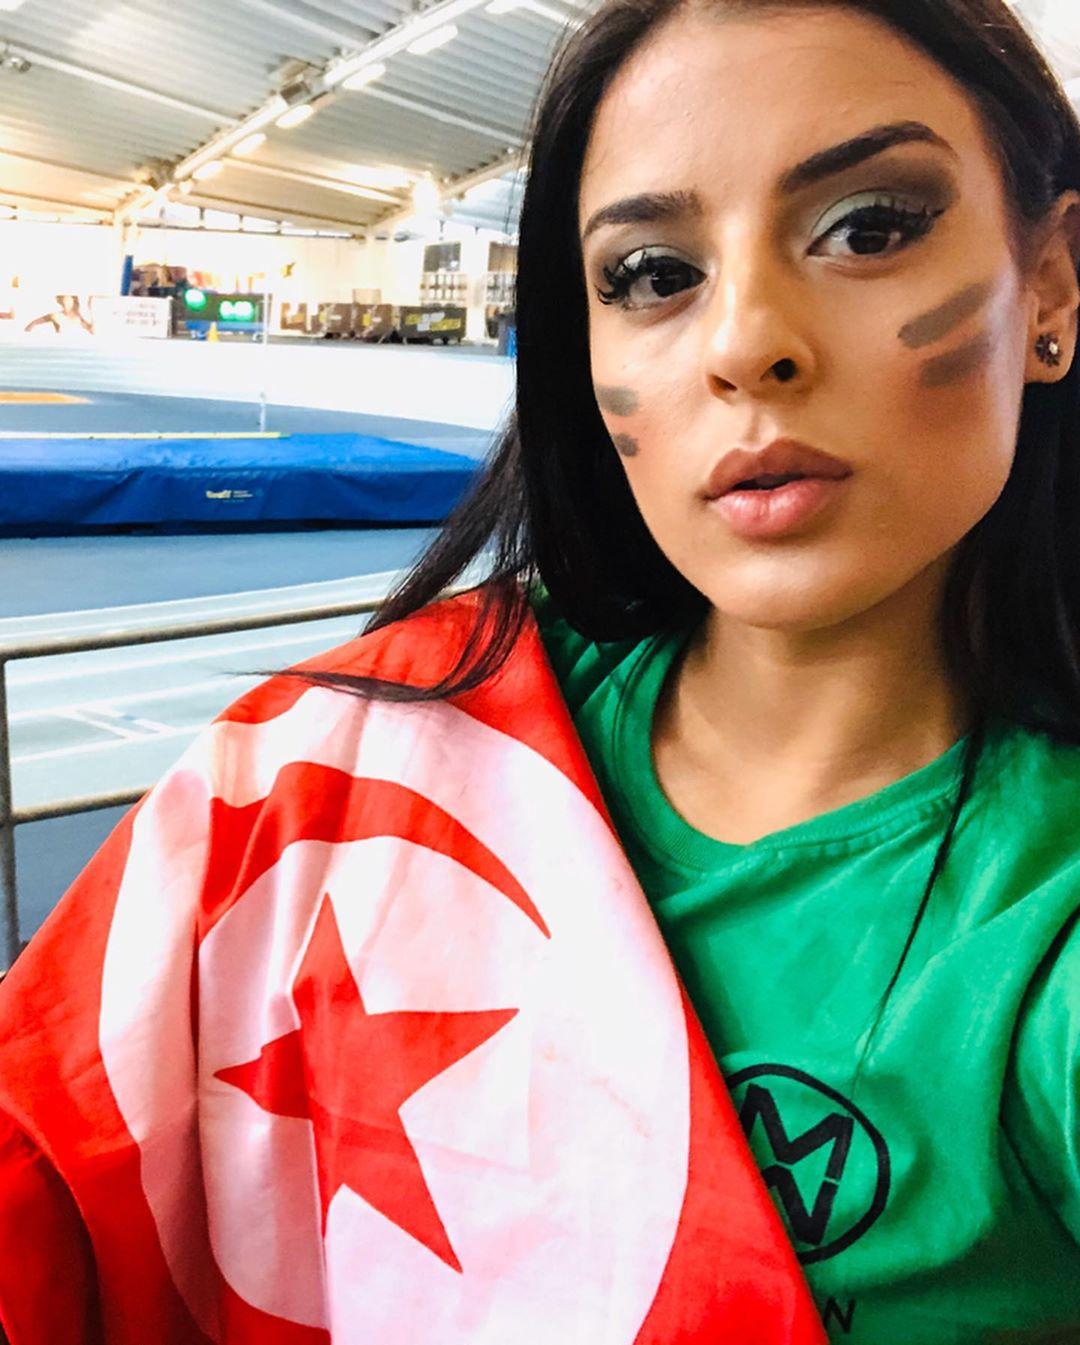 fast track miss sport de miss  world 2019. - Página 4 IuOfYl